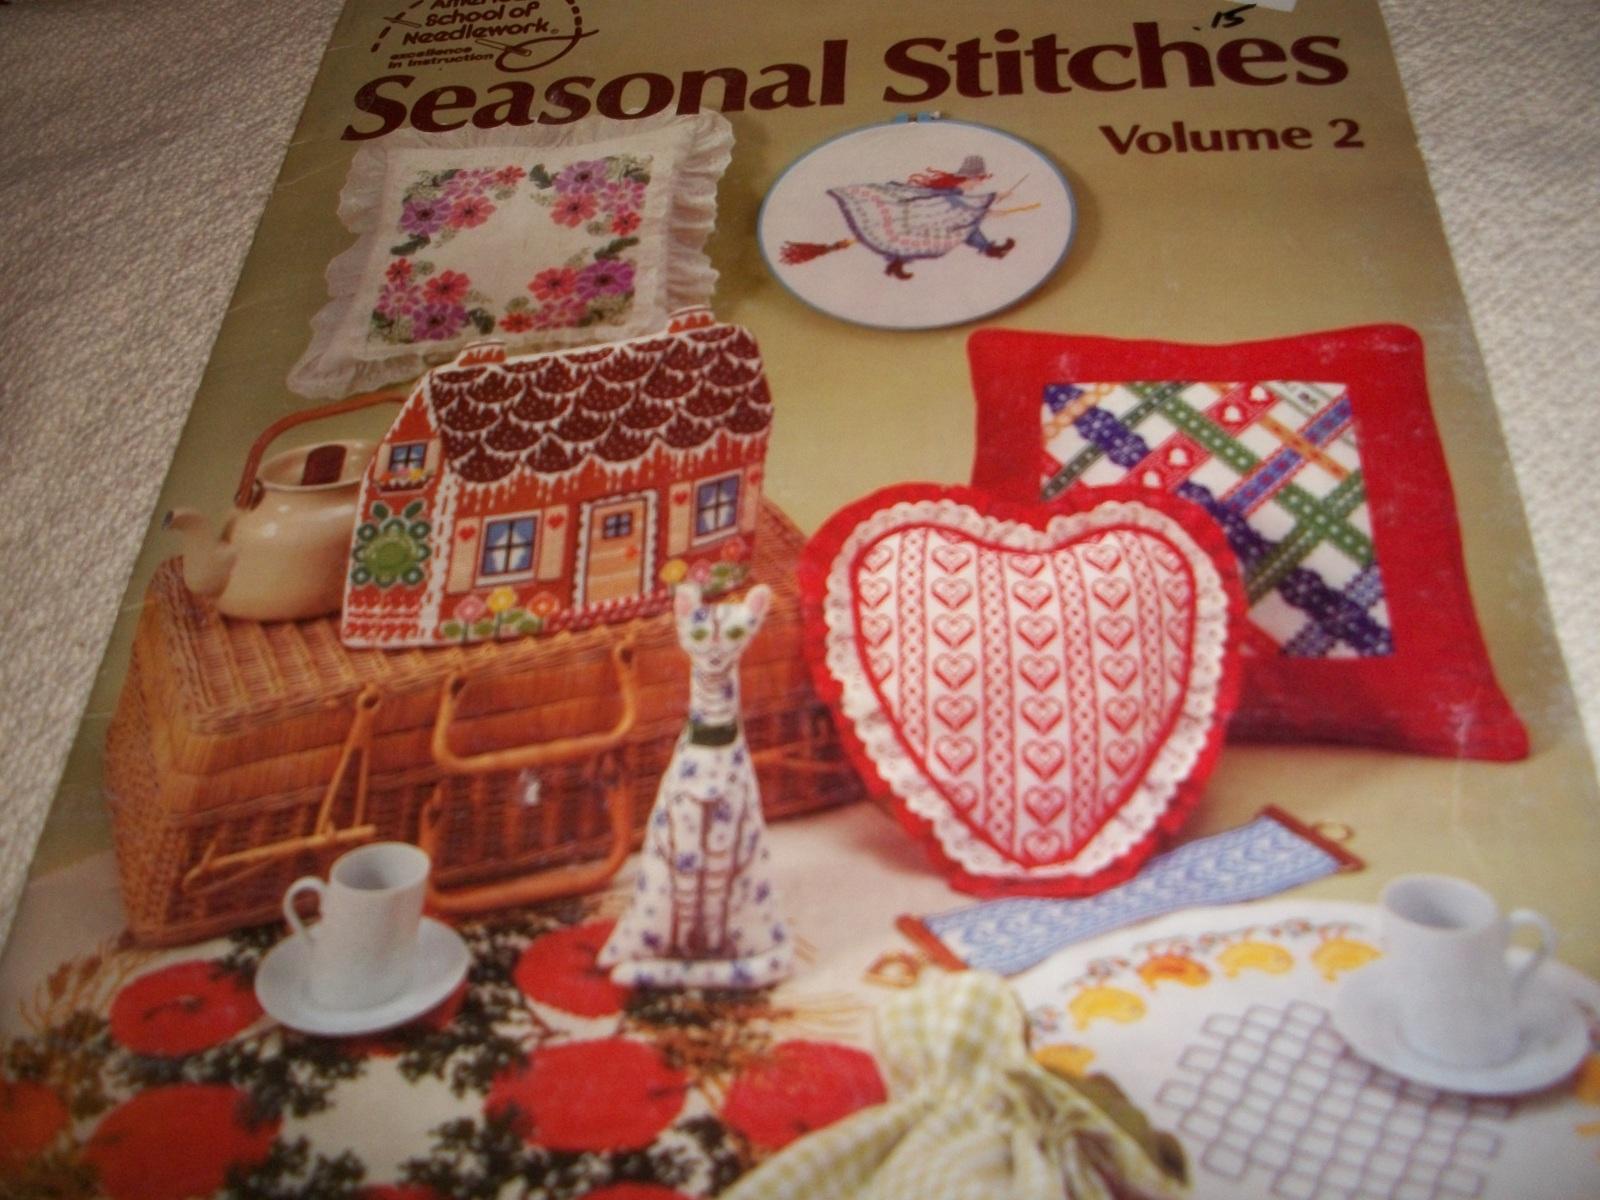 Seasonal Stitches Volume 2 - $5.00